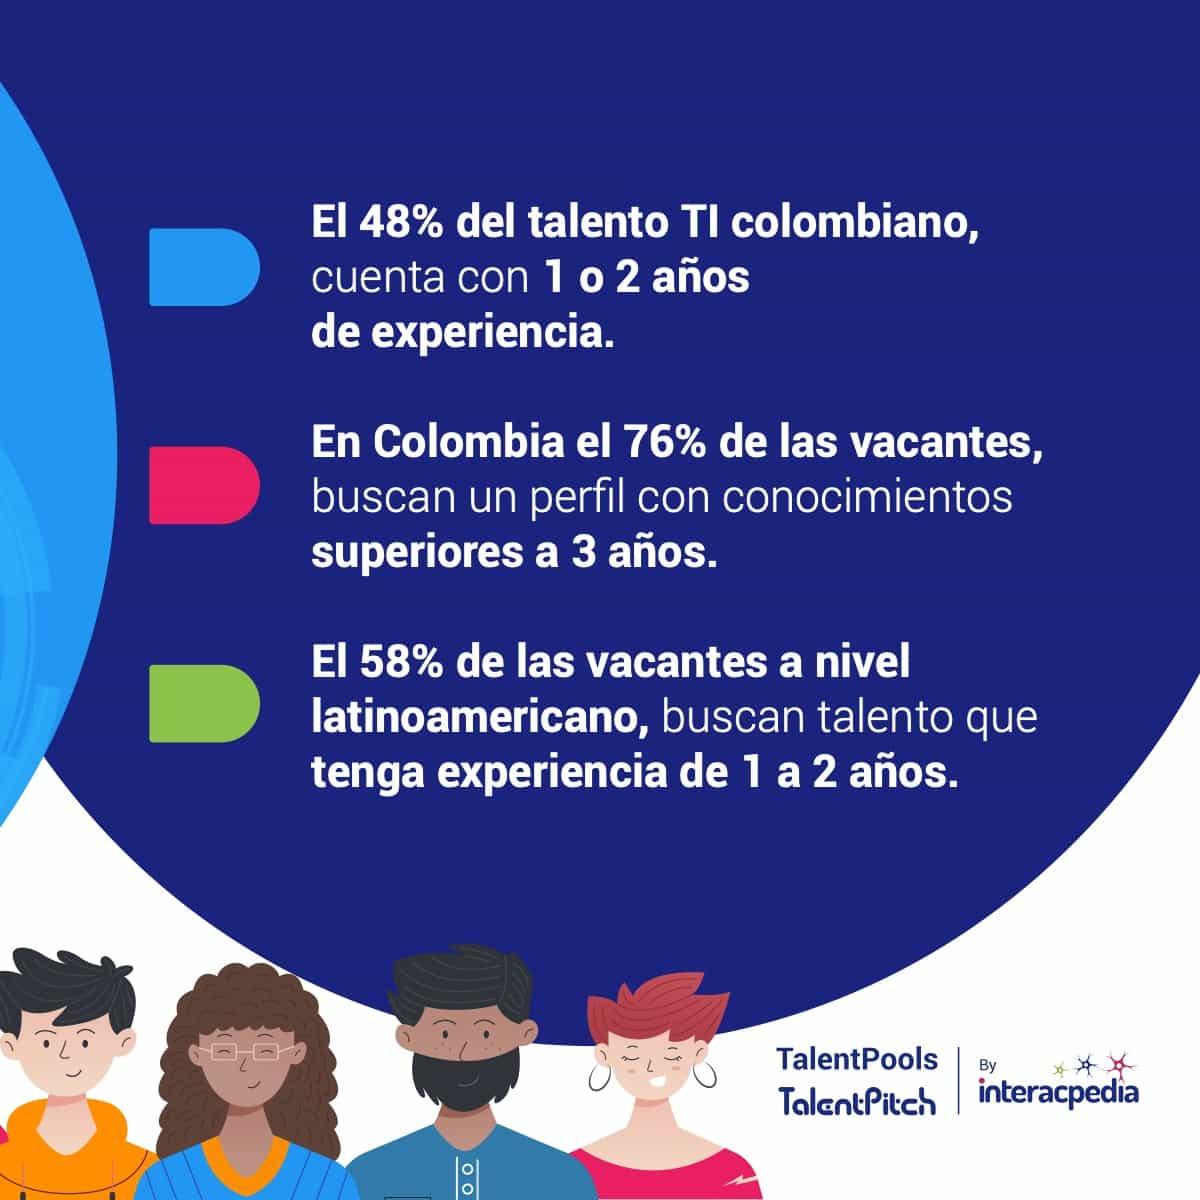 [Infografía] El COVID-19 agudizó la demanda de talento TI en Colombia 8